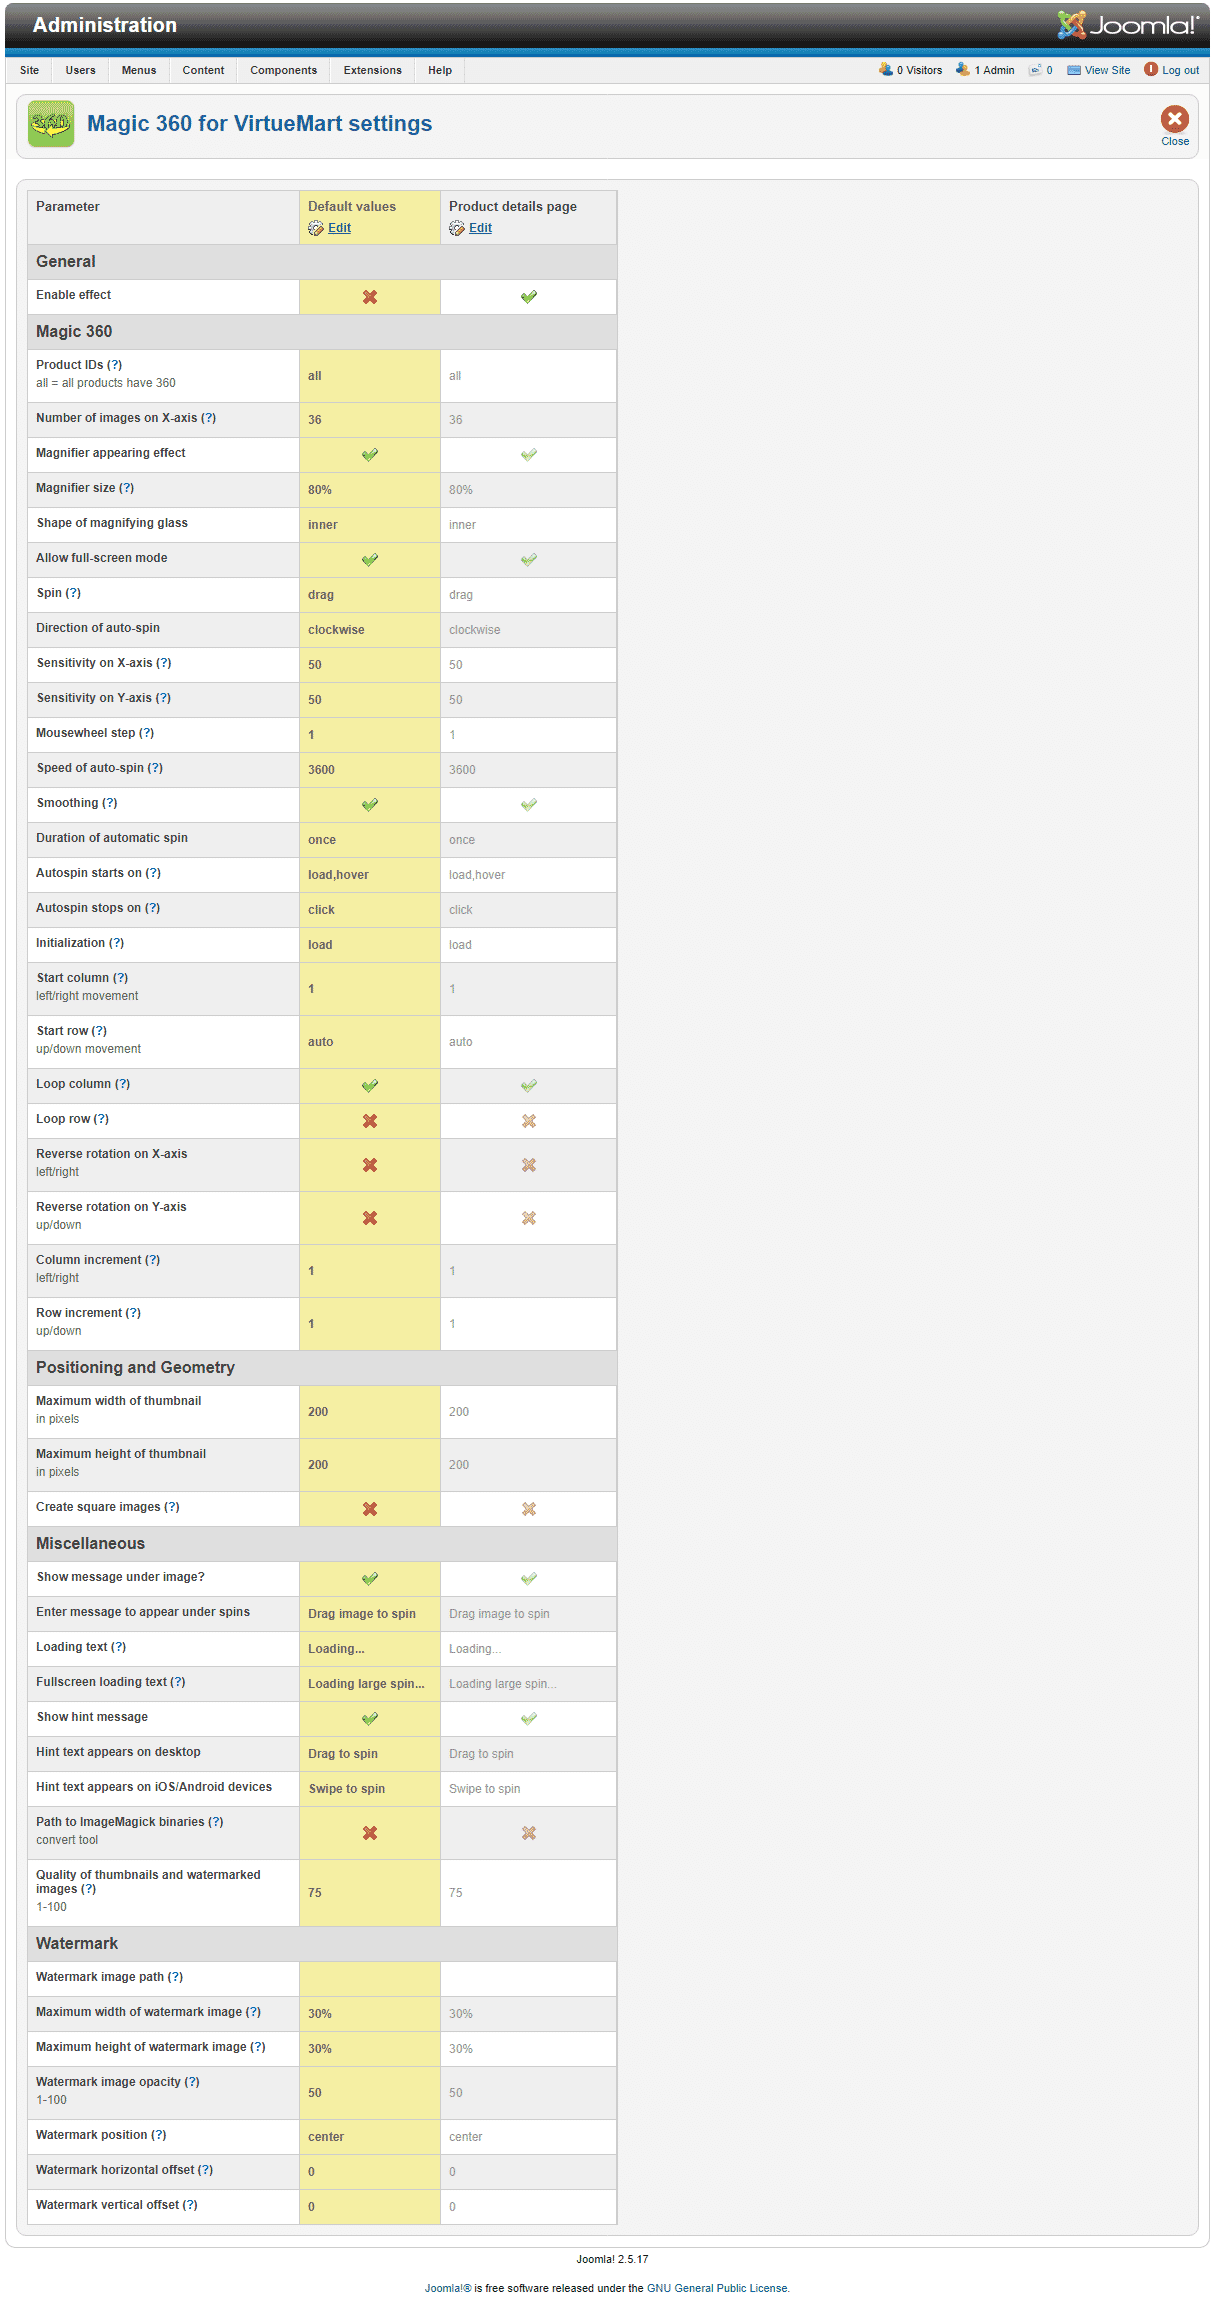 Schön Kostenlose Vorlage Admin Ideen - Beispiel Business Lebenslauf ...